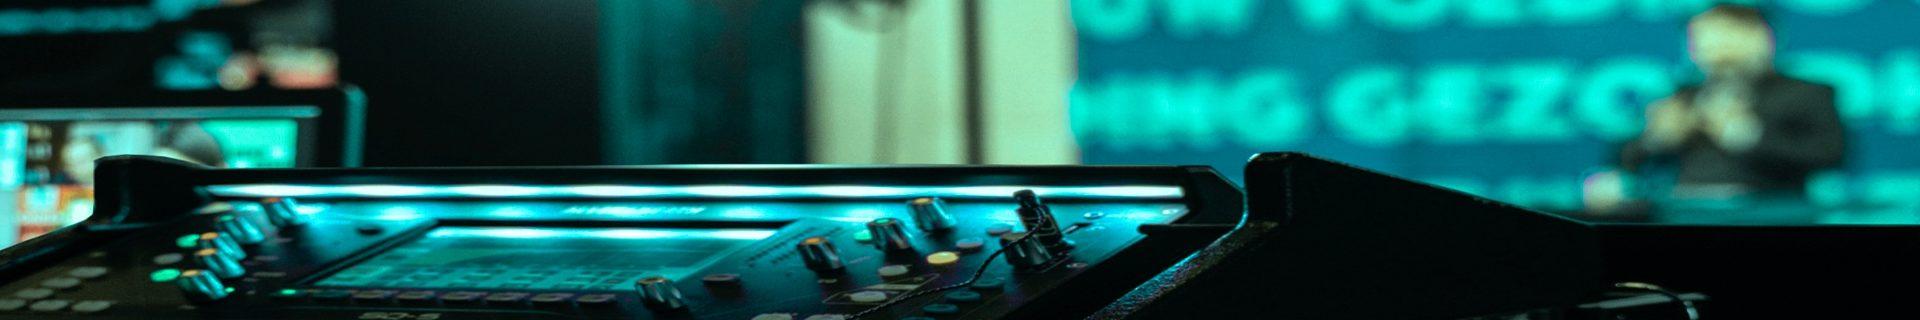 Mischpult im Vordergrund mit Sprecher im Hintergrund bei online-Veranstaltung